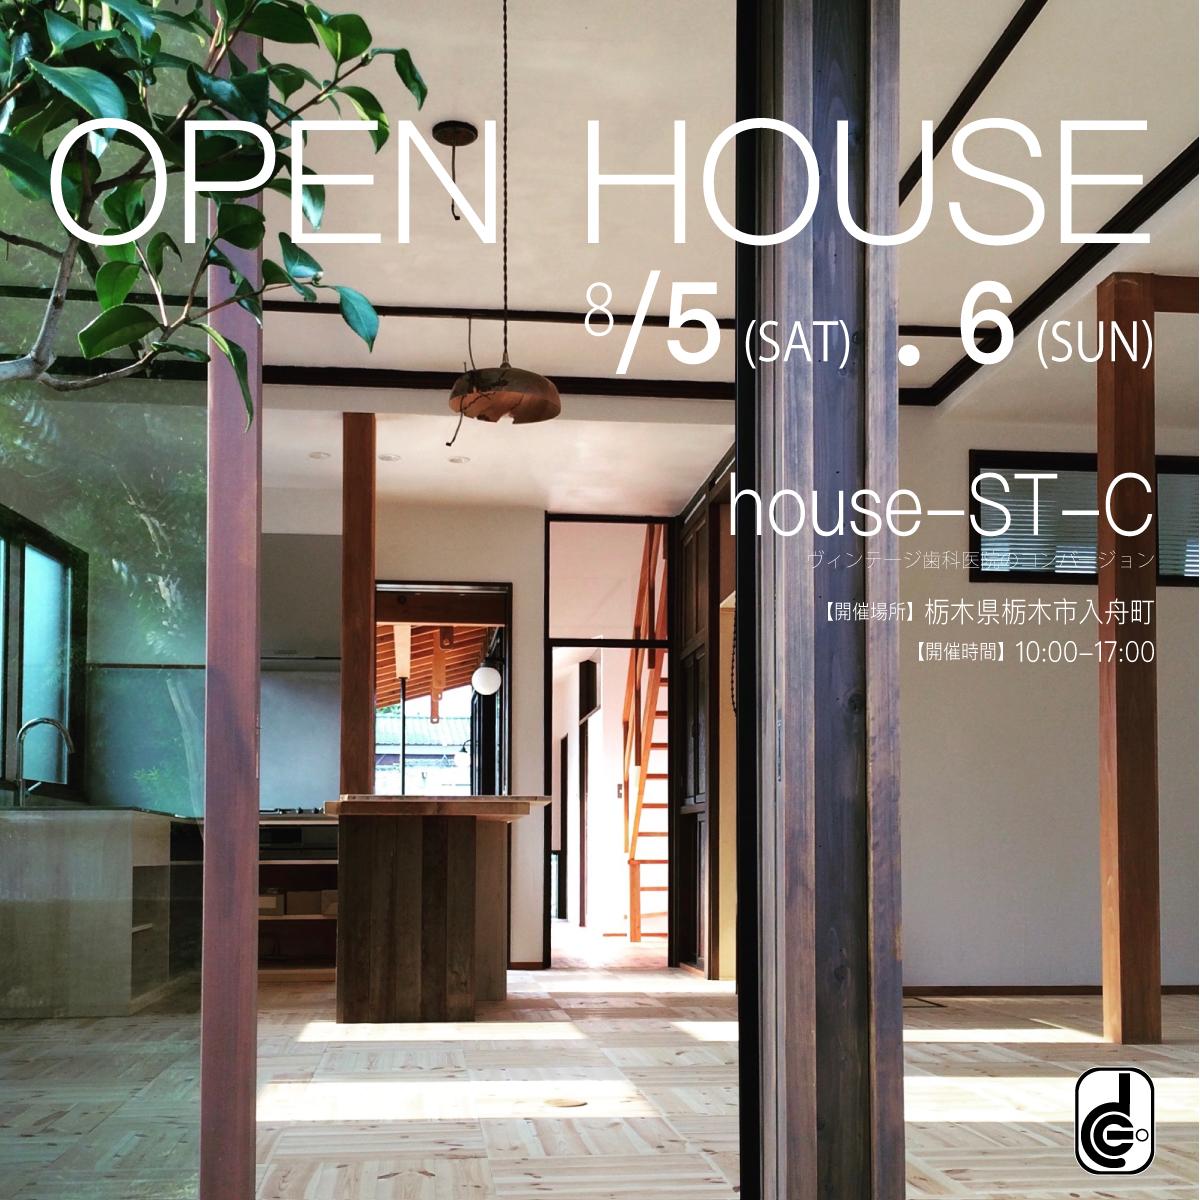 オープンハウス 8/5(sat).6(sun)